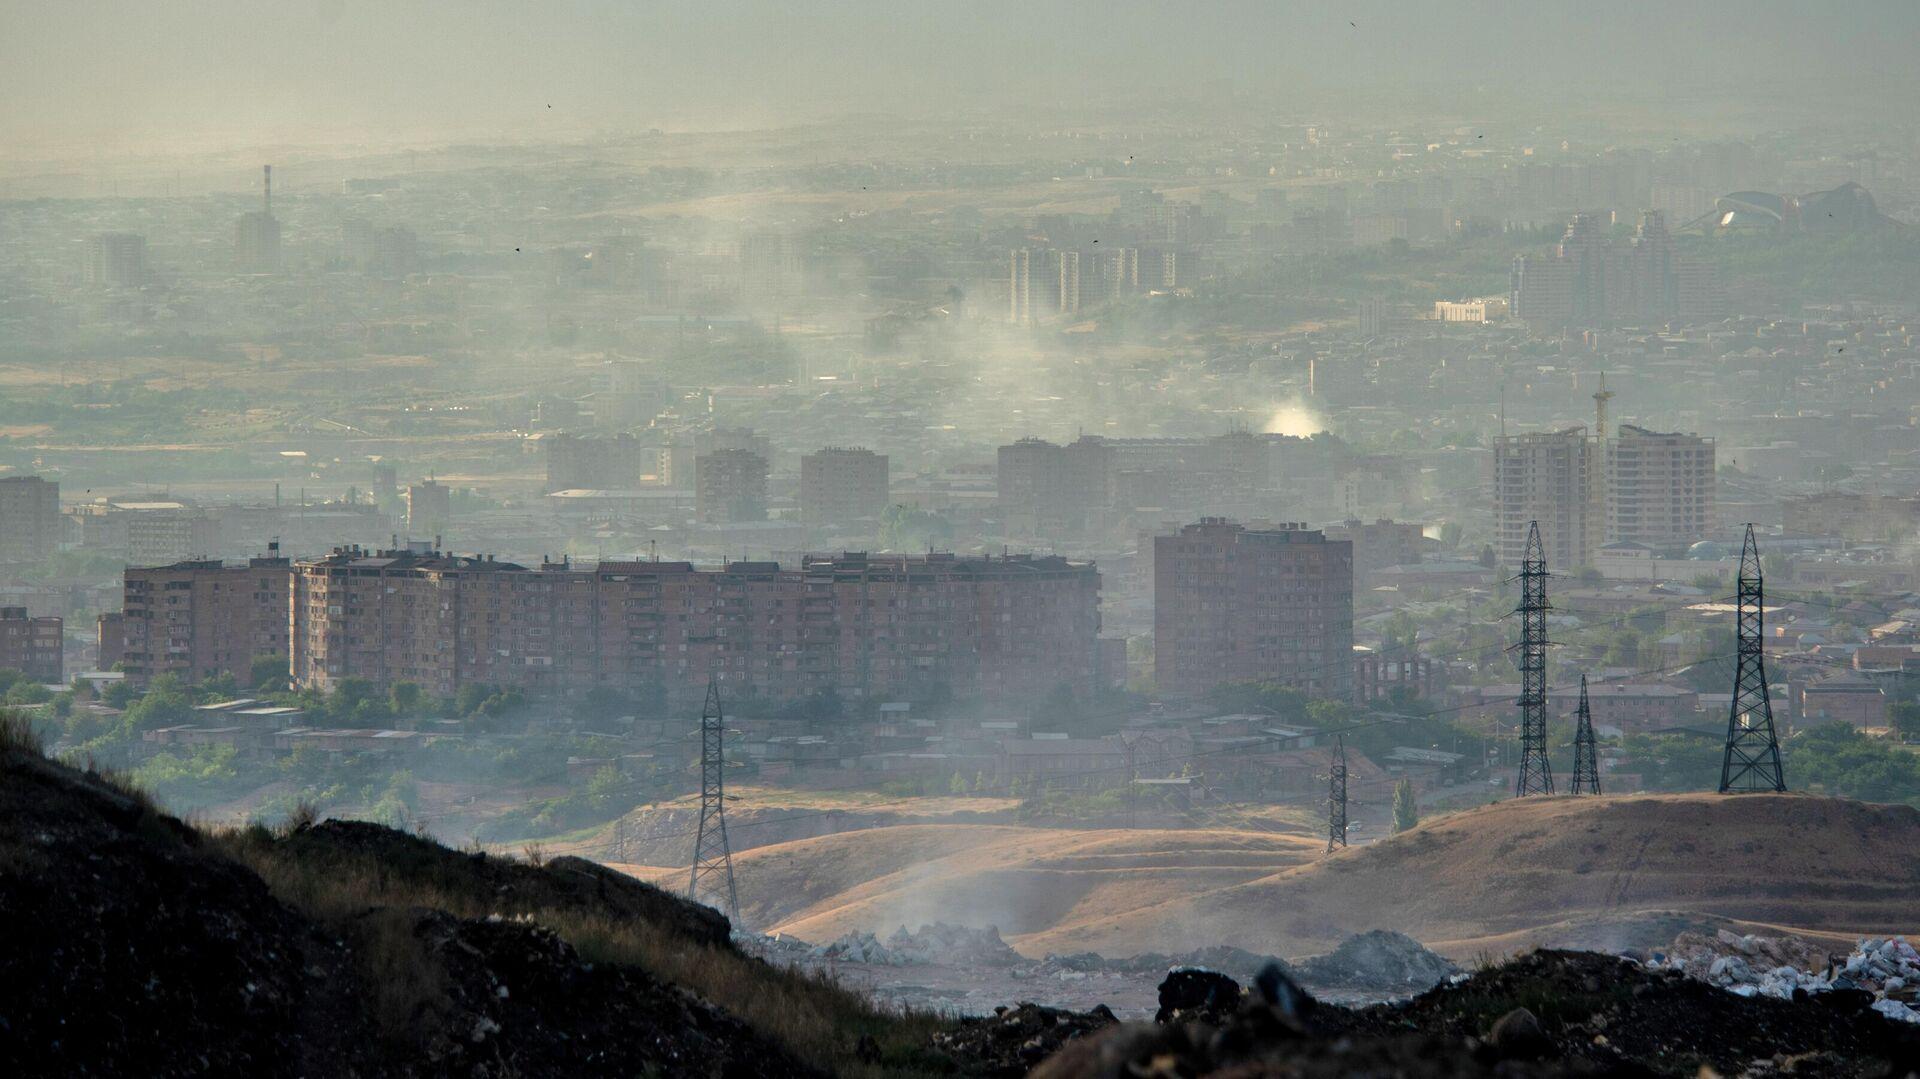 Yerevana mənzərə, arxiv şəkli - Sputnik Azərbaycan, 1920, 10.10.2021